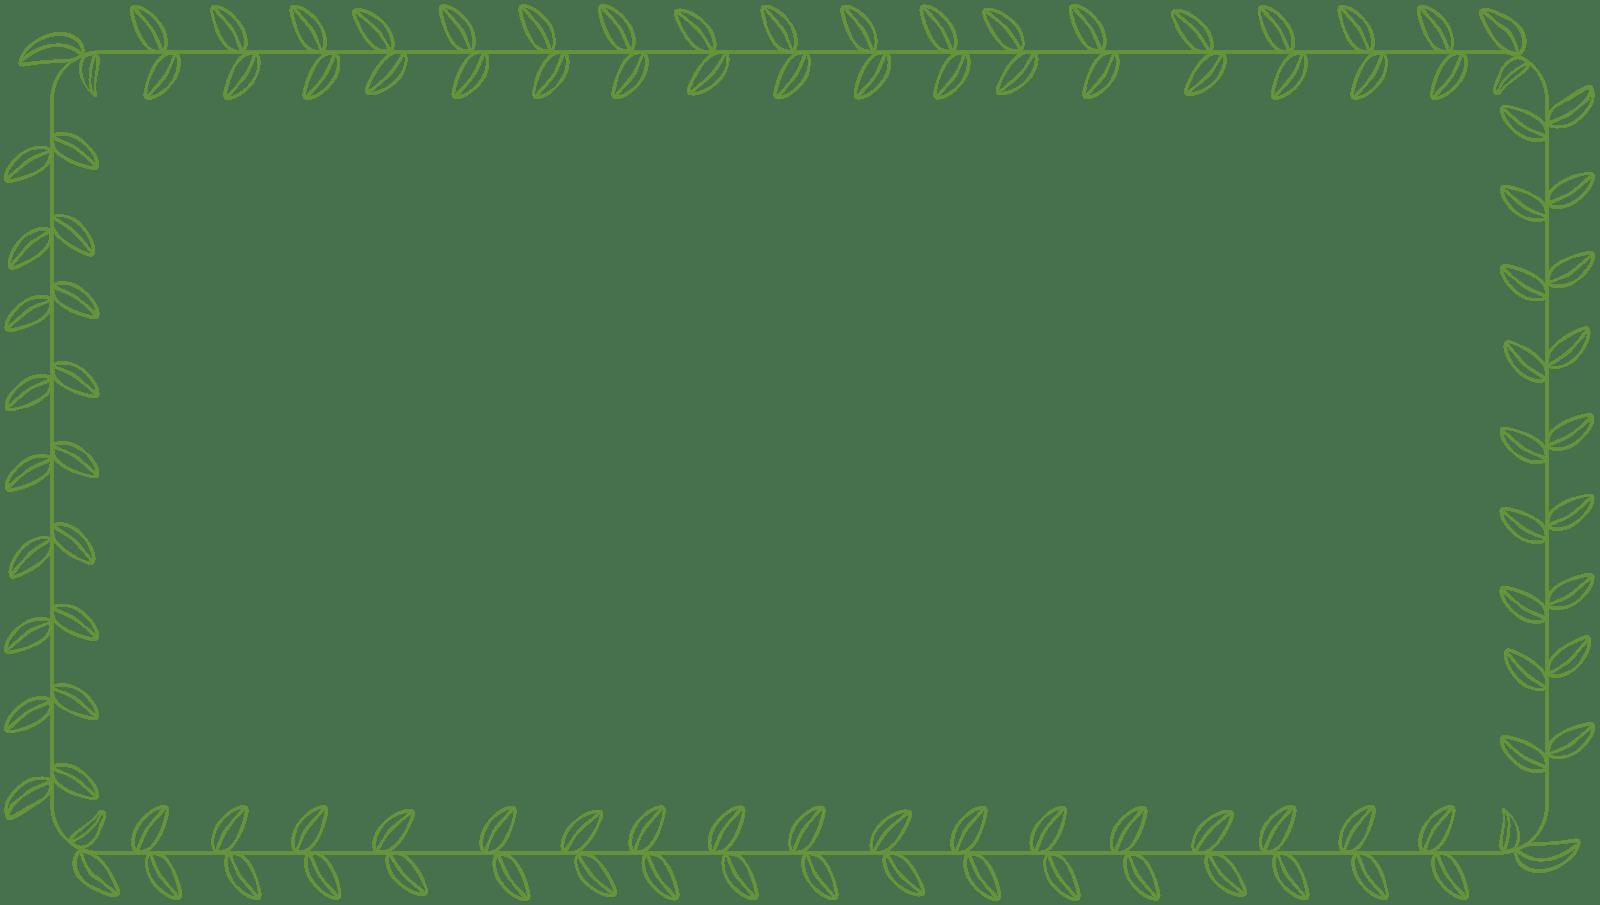 Leaf Frame Clipart